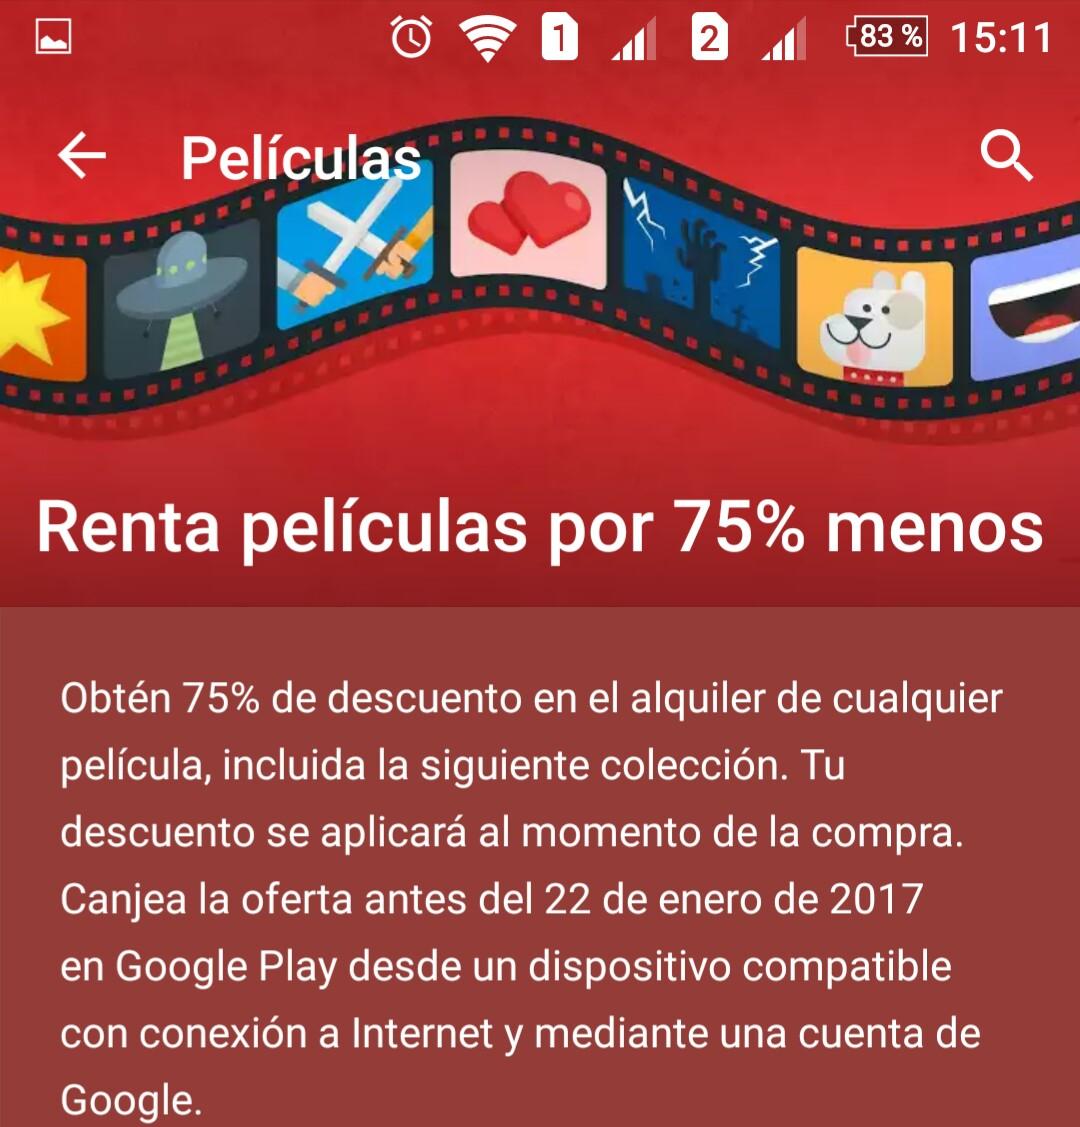 Google Play: Renta de película con 75% menos